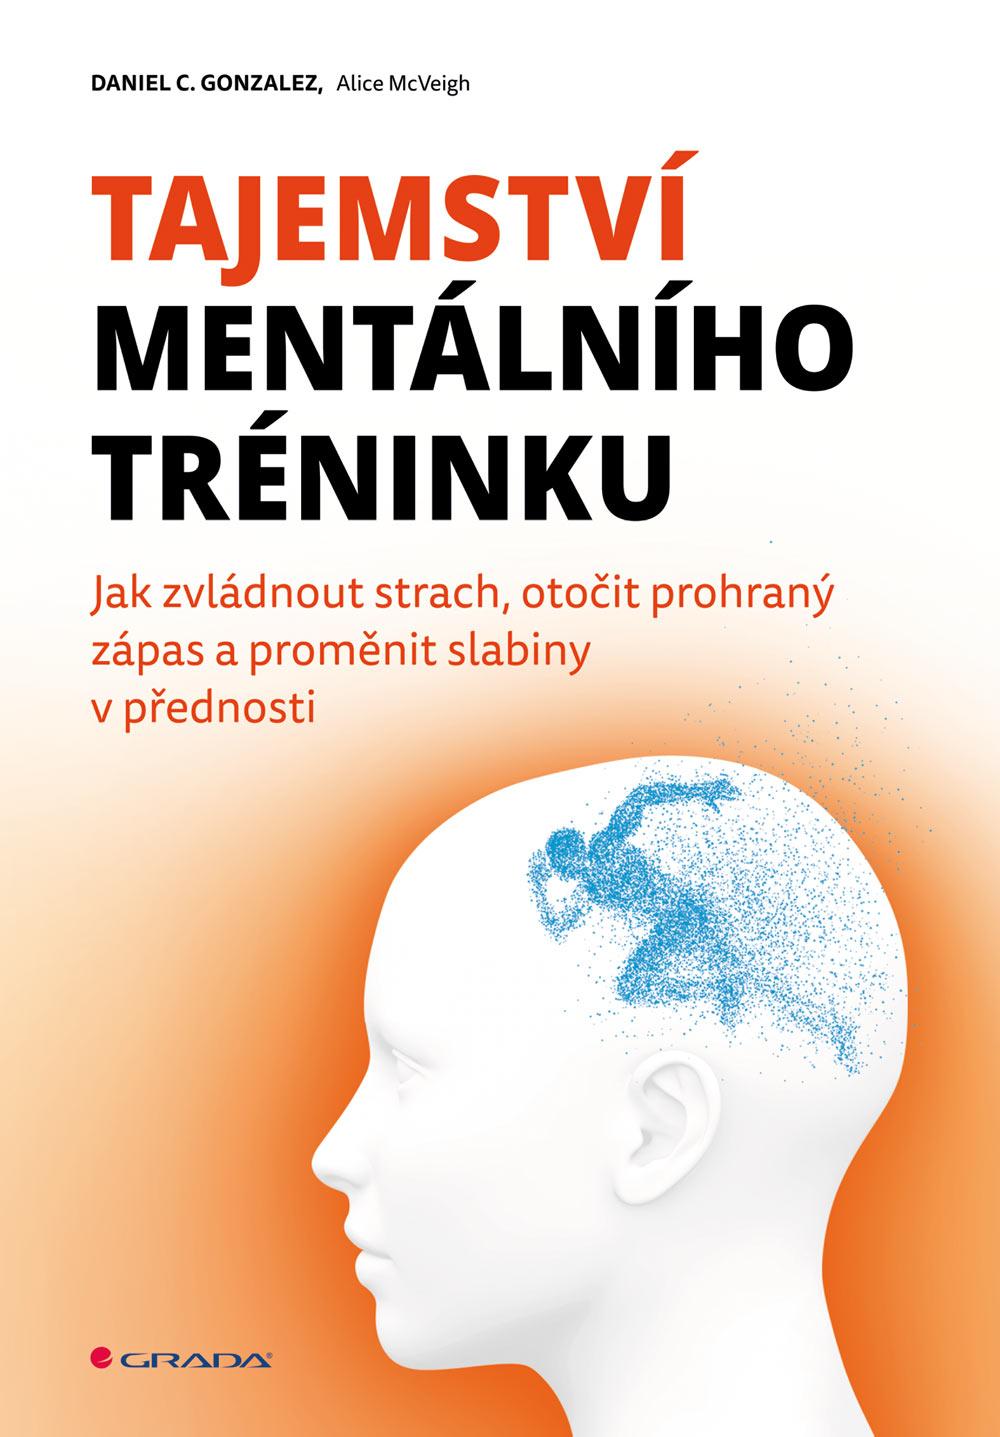 Tajemství mentálního tréninku, Jak zvládnout strach, otočit prohraný zápas a proměnit slabiny v přednosti